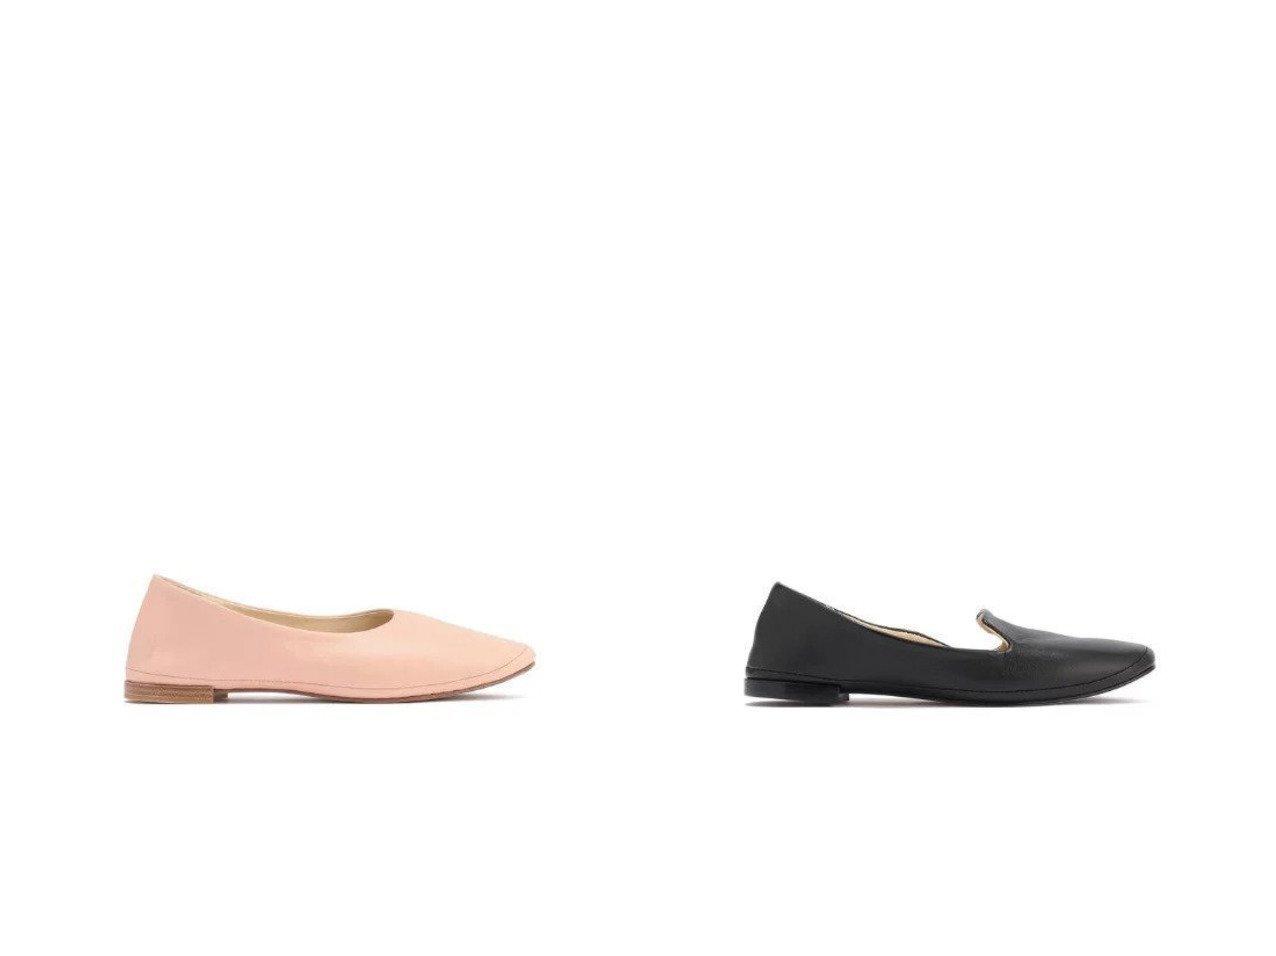 【repetto/レペット】のRyo Ballerinas&Rod Loafers 【シューズ・靴】おすすめ!人気、トレンド・レディースファッションの通販 おすすめで人気の流行・トレンド、ファッションの通販商品 メンズファッション・キッズファッション・インテリア・家具・レディースファッション・服の通販 founy(ファニー) https://founy.com/ ファッション Fashion レディースファッション WOMEN シューズ シンプル トレンド バレエ フラット スリット ベーシック |ID:crp329100000028387